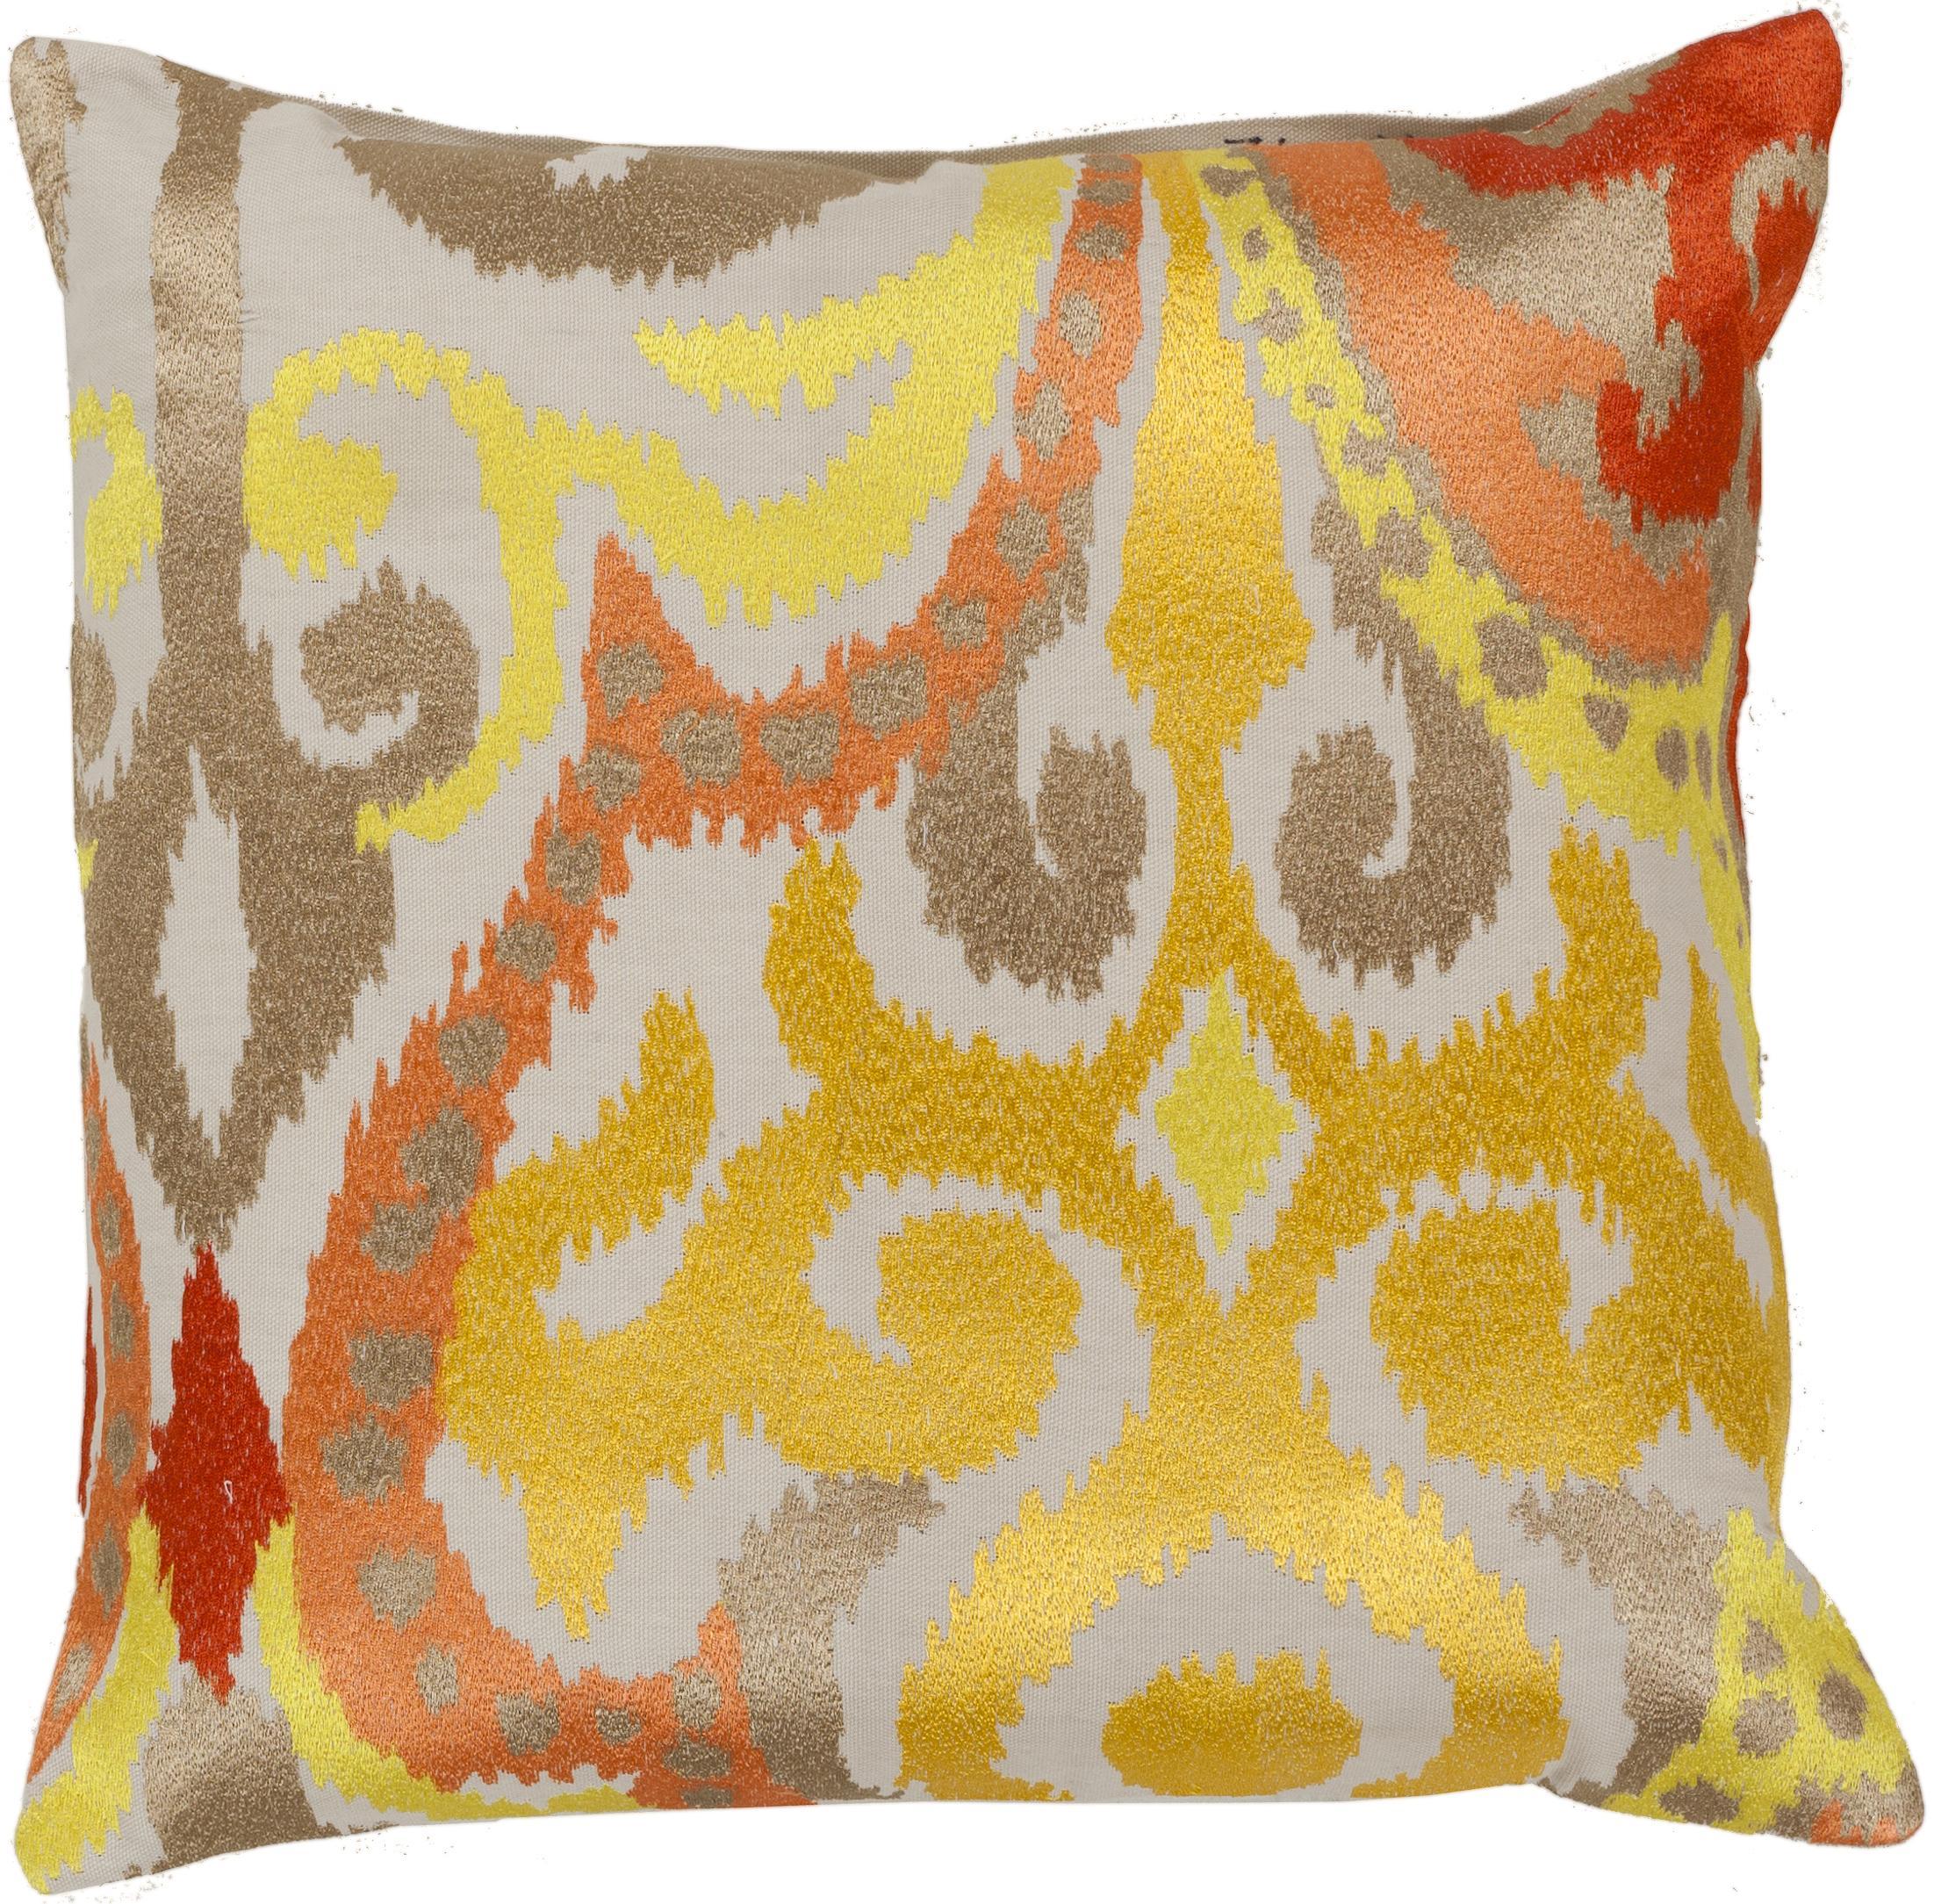 """Surya Pillows 18"""" x 18"""" Pillow - Item Number: AR072-1818P"""